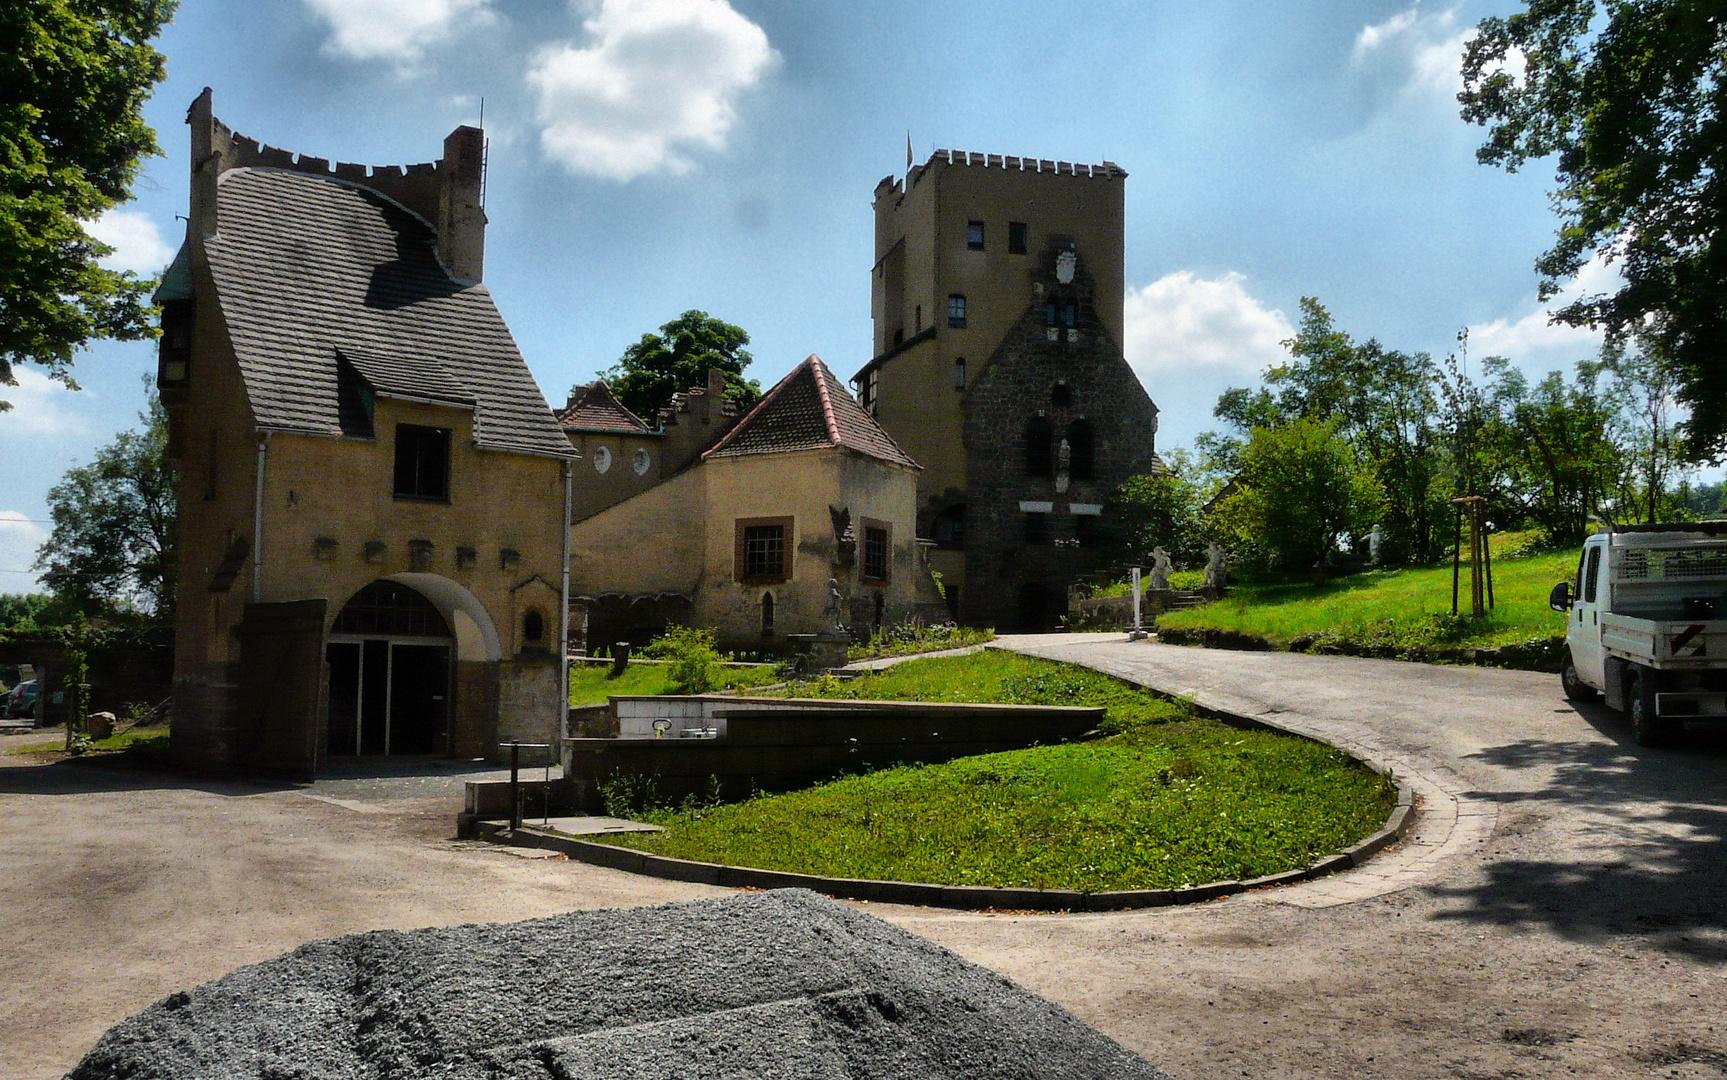 Die Roseburg bei Rieder, OT von Ballenstedt